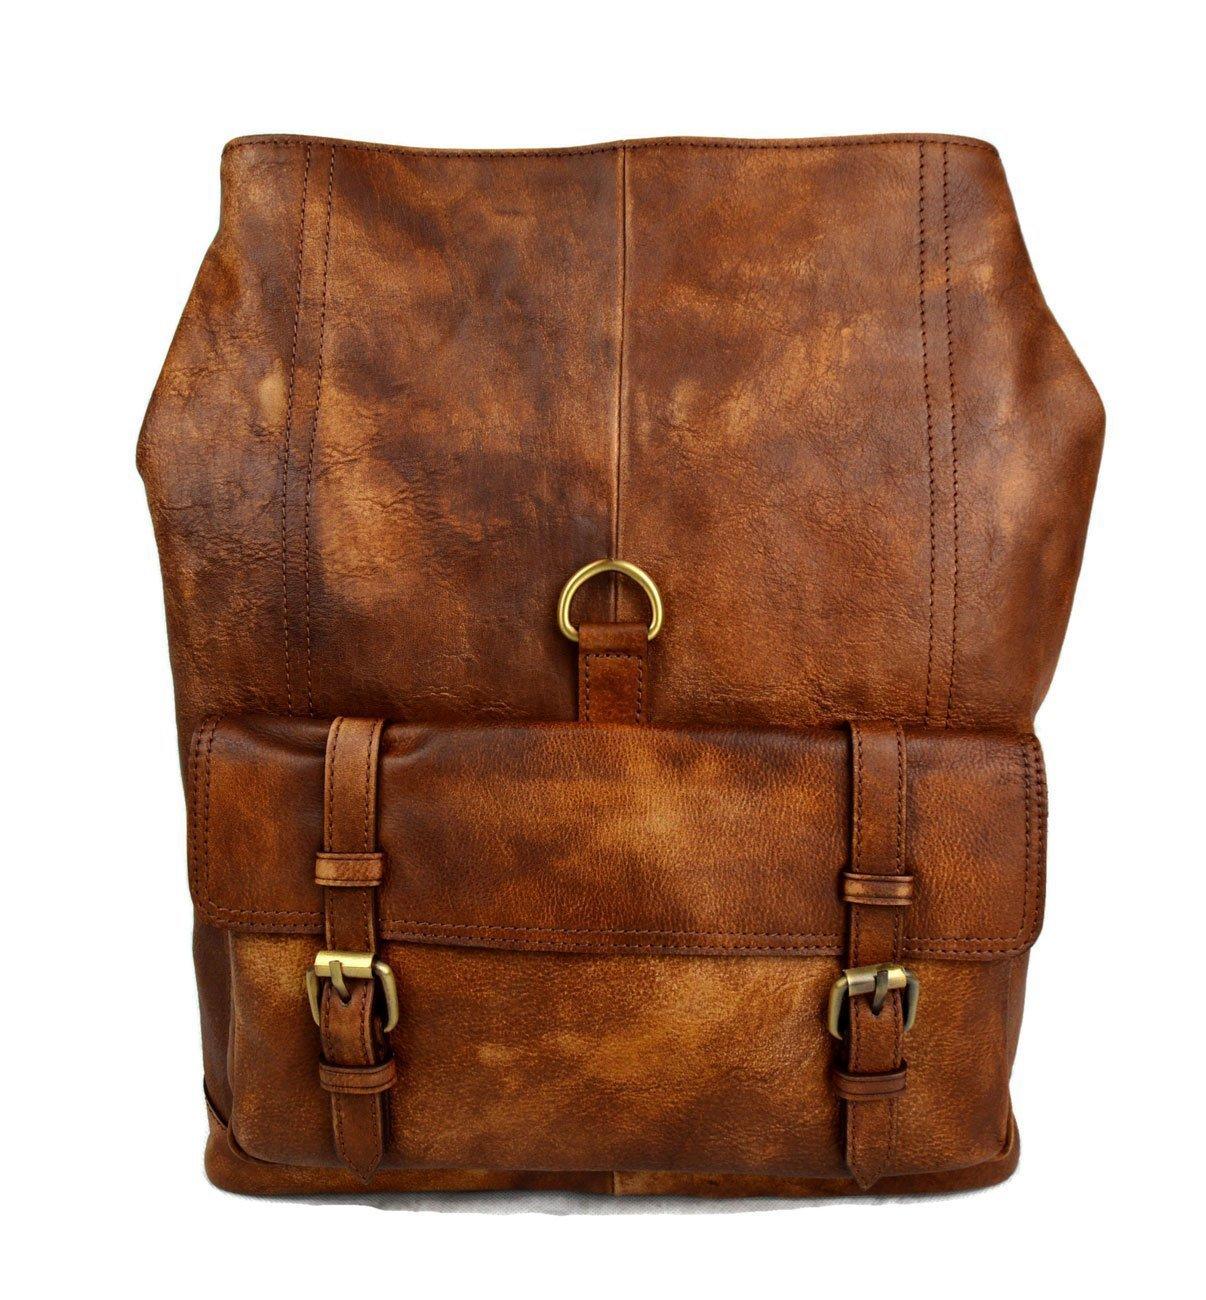 Amazon.com: Vintage leather backpack genuine washed leather travel bag weekender sports bag gym bag leather shoulder ladies mens brown backpack: Handmade